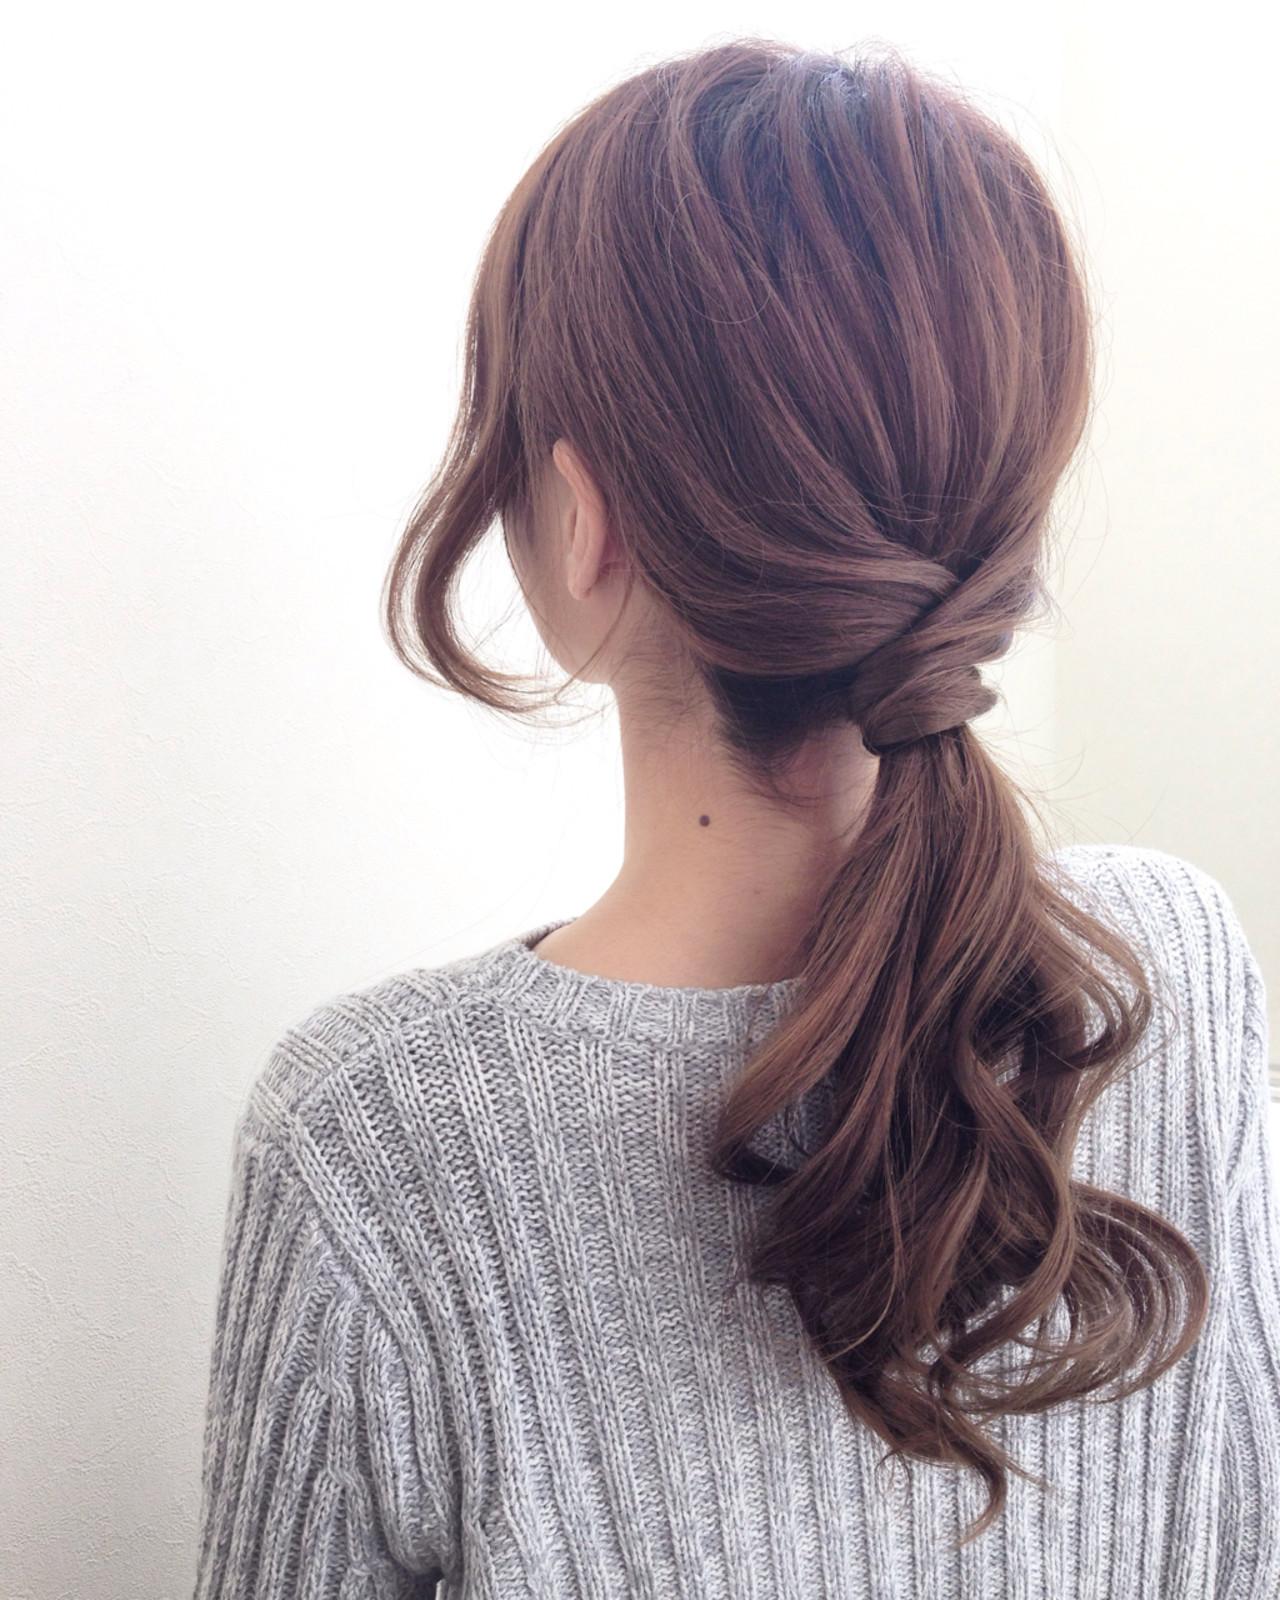 モテ髪 ブラウン セミロング コンサバ ヘアスタイルや髪型の写真・画像